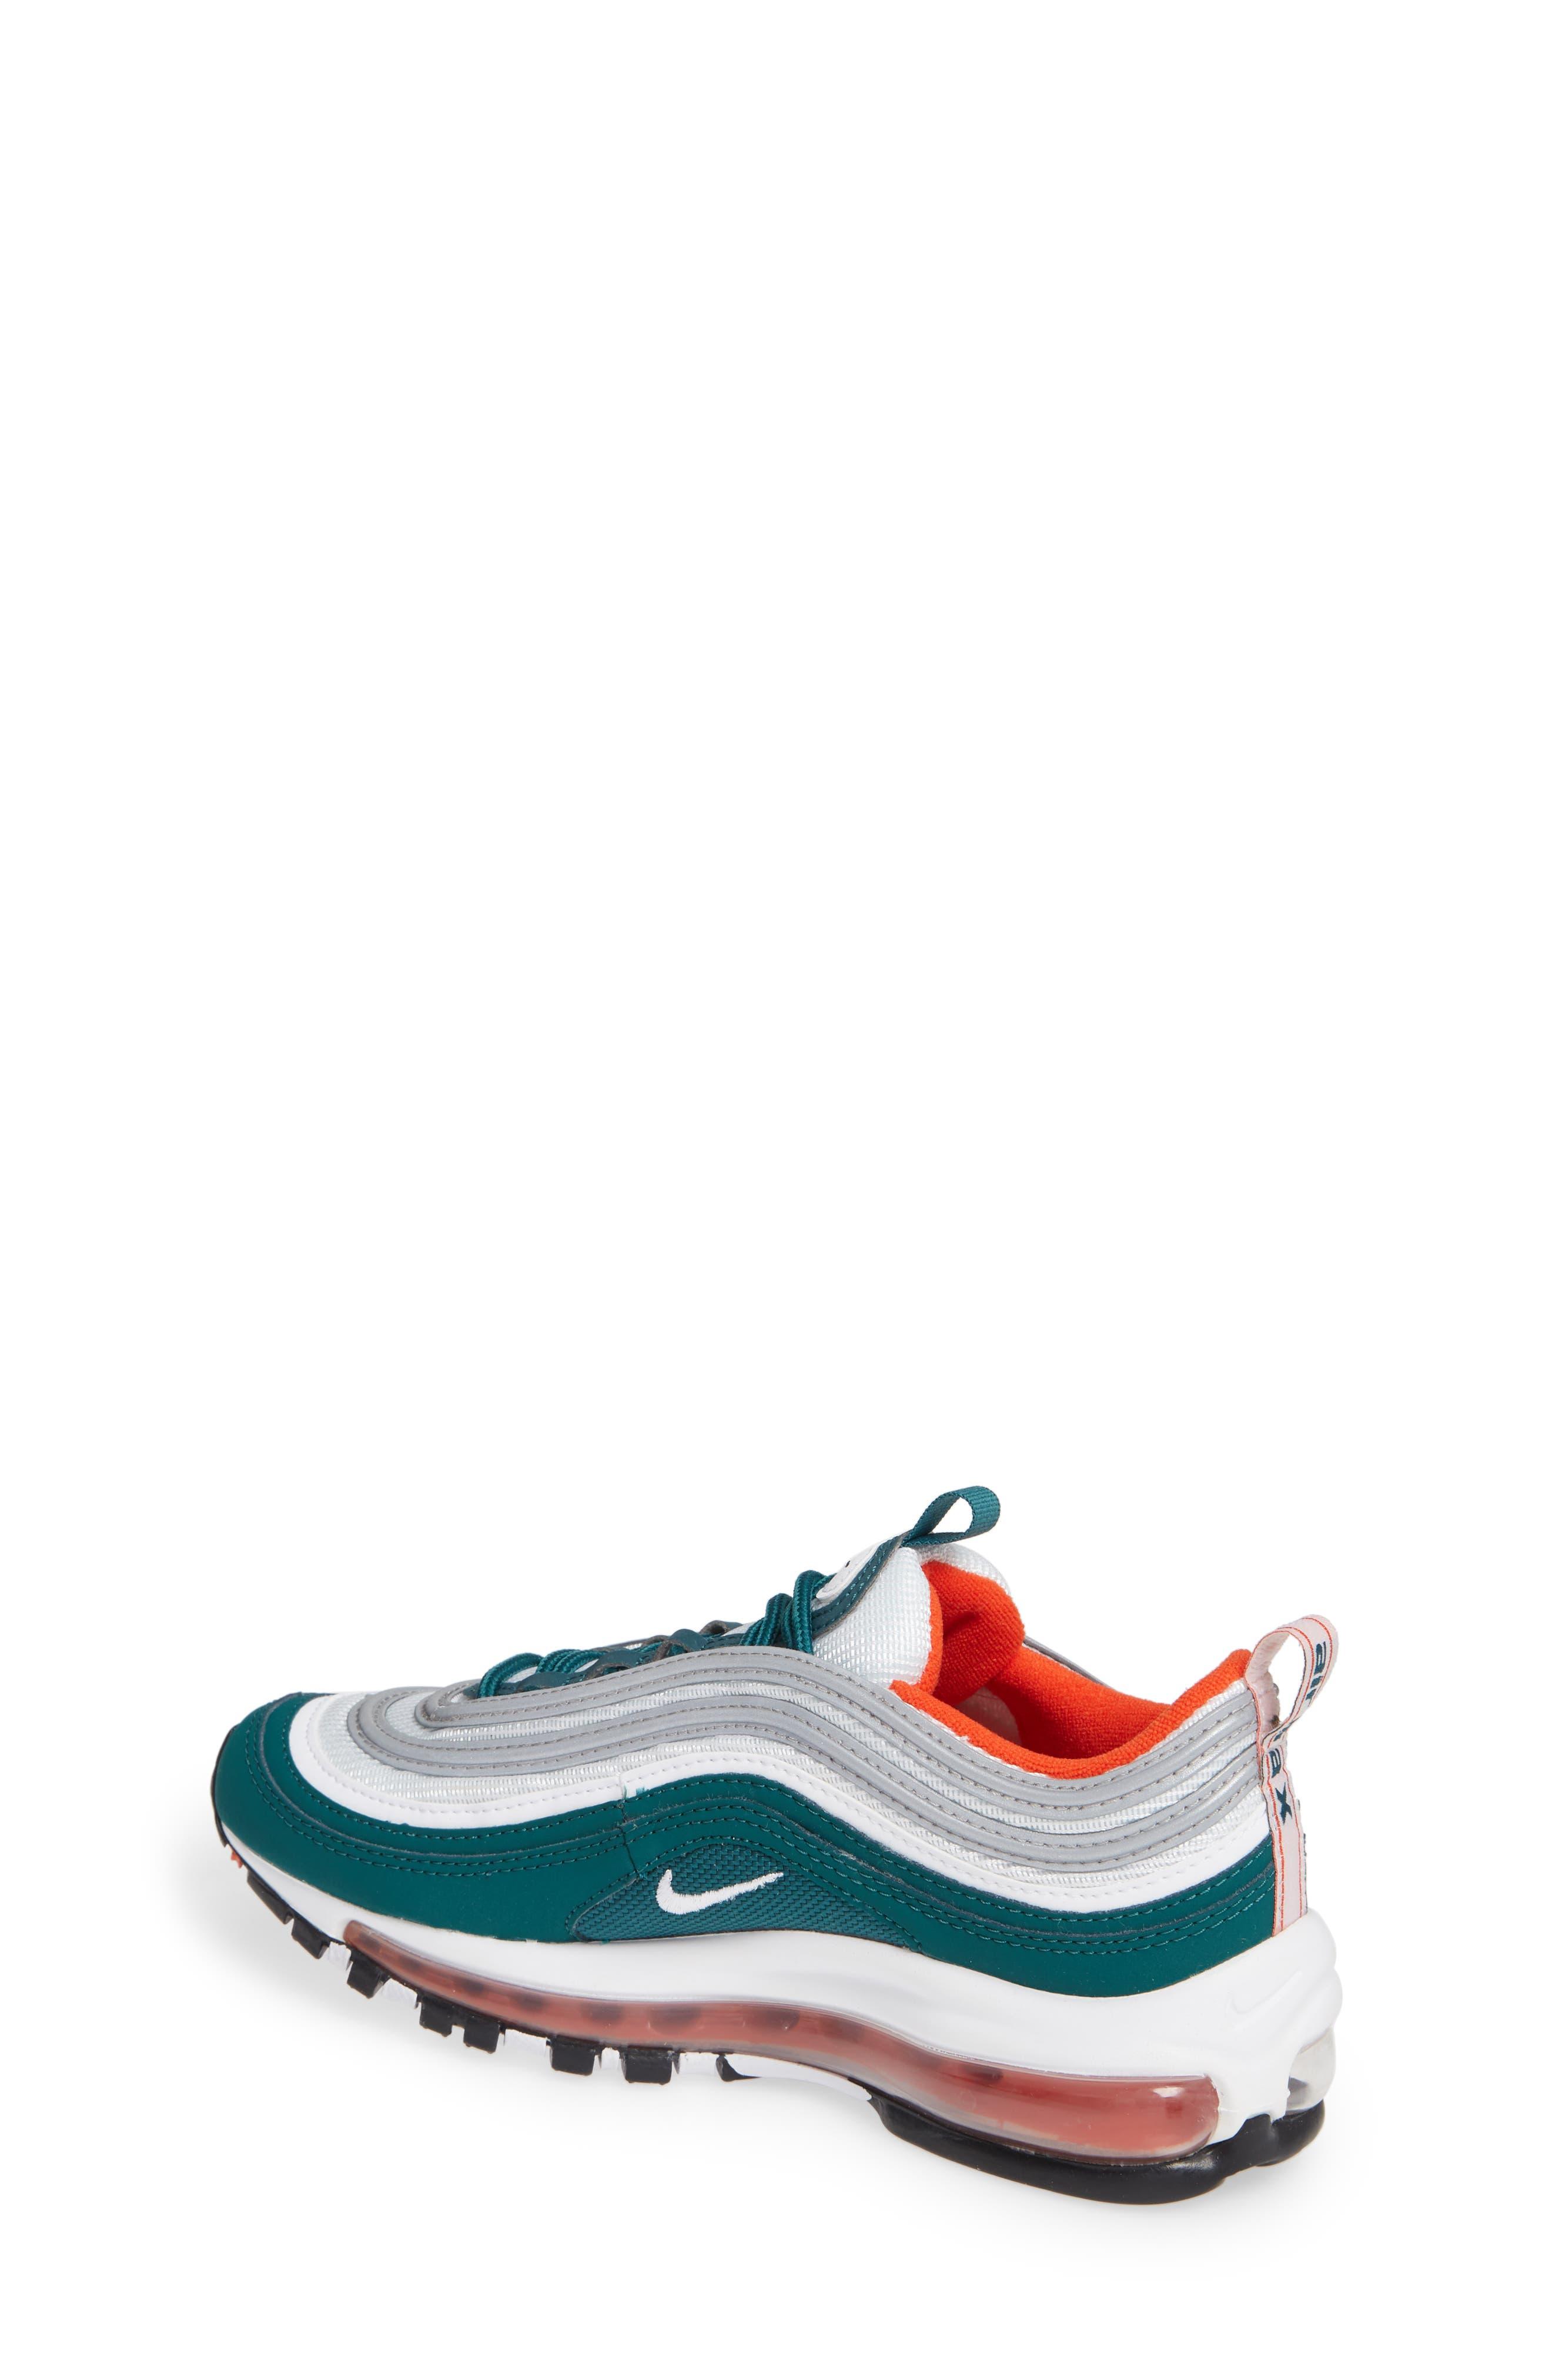 NIKE,                             Air Max 97 Sneaker,                             Alternate thumbnail 2, color,                             RAINFOREST/ WHITE/ ORANGE